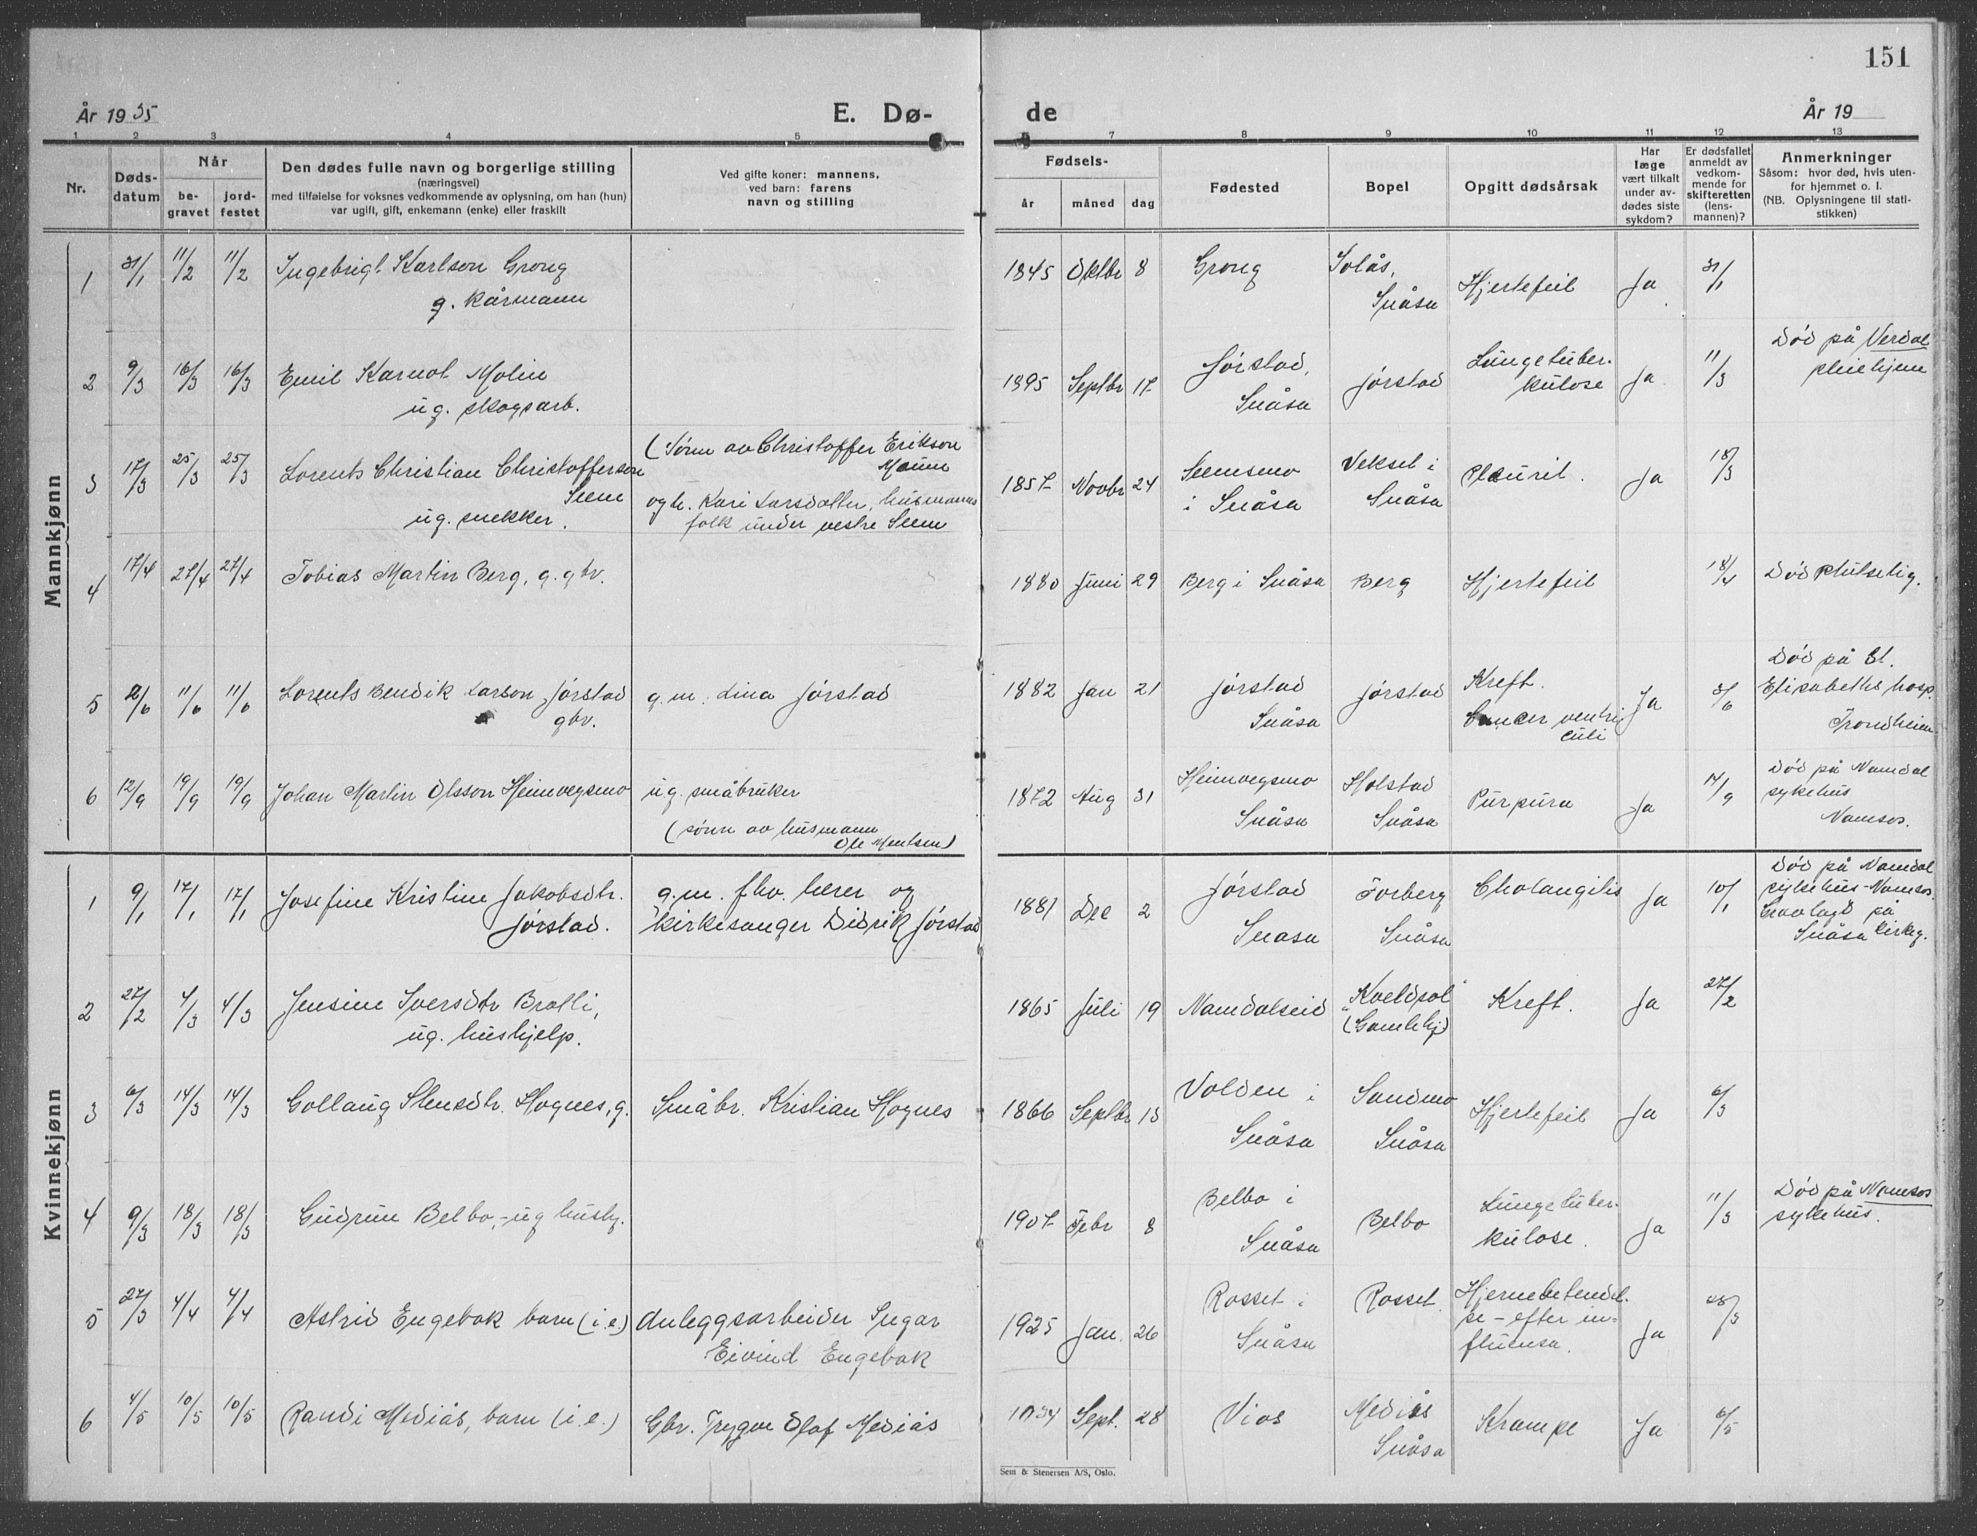 SAT, Ministerialprotokoller, klokkerbøker og fødselsregistre - Nord-Trøndelag, 749/L0481: Klokkerbok nr. 749C03, 1933-1945, s. 151